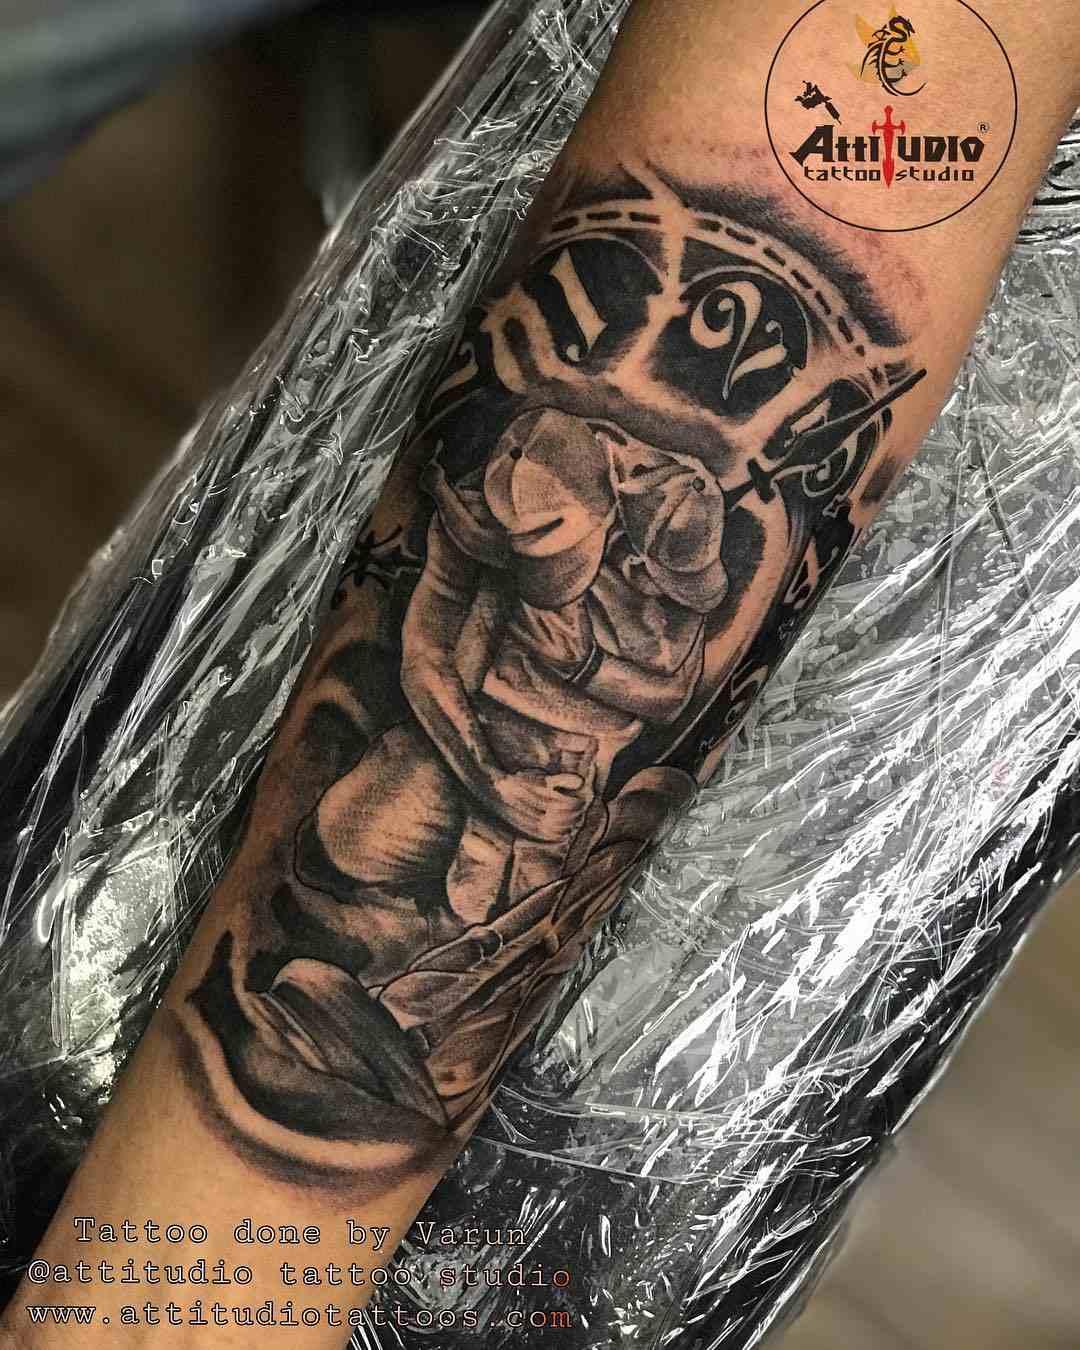 attitudio-tattoo-delhi-solider-son-meet